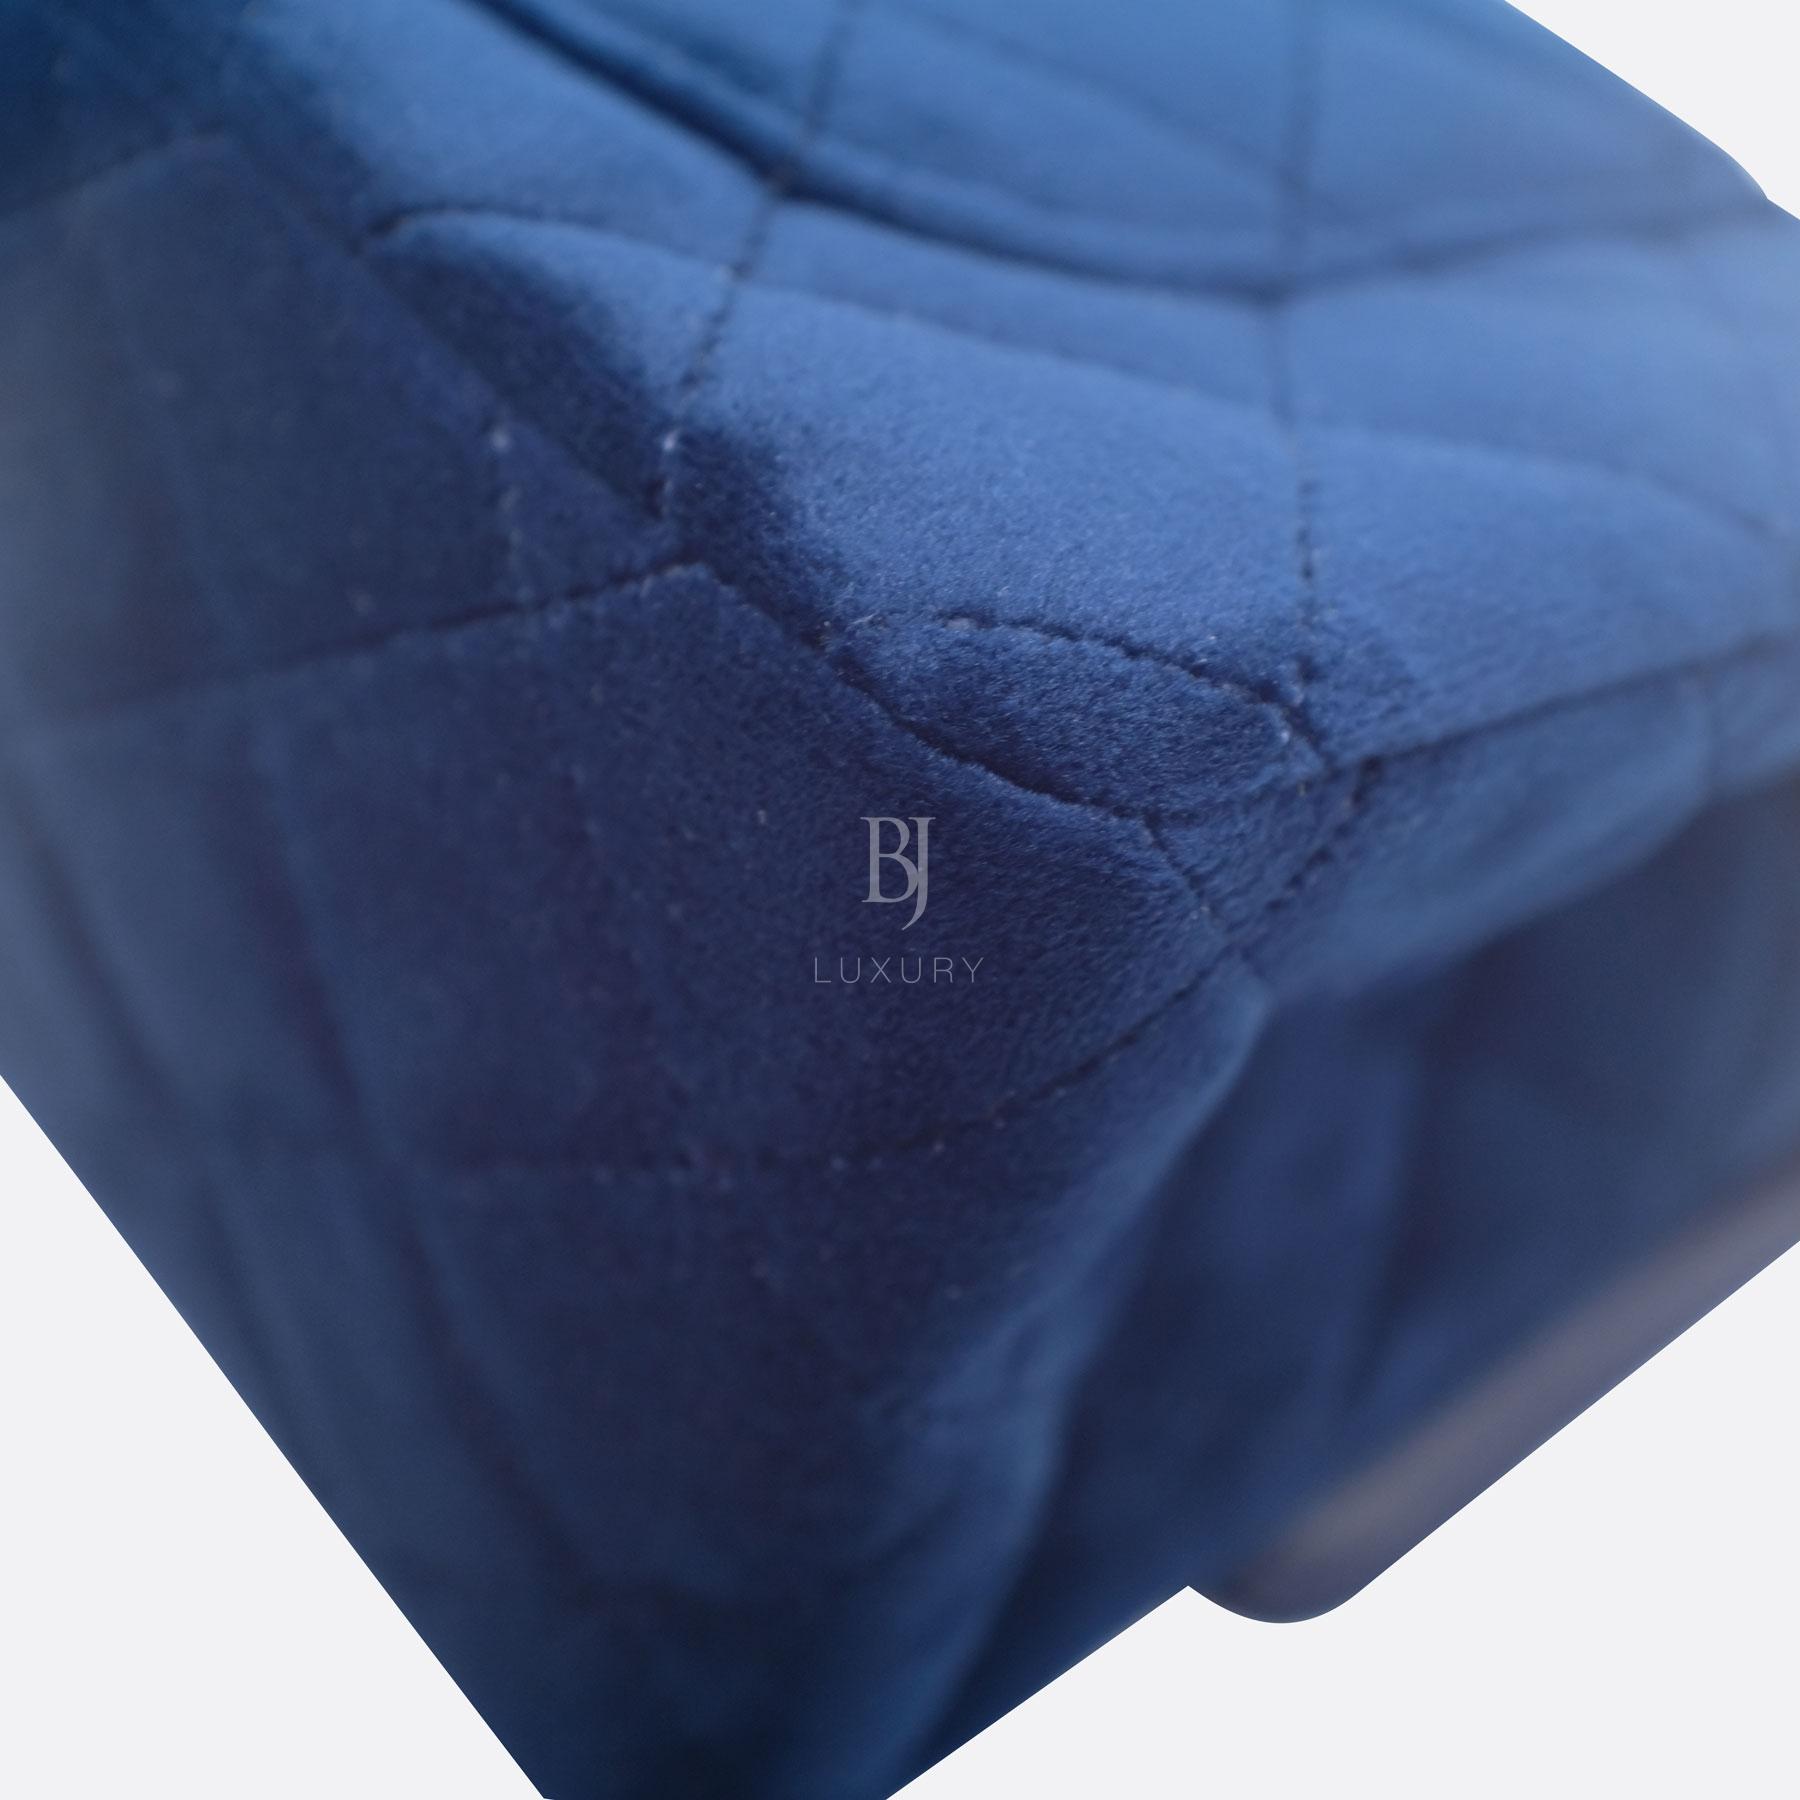 CHANEL-2.55-MINI-BLUE-VELVET-DSCF8702.jpg